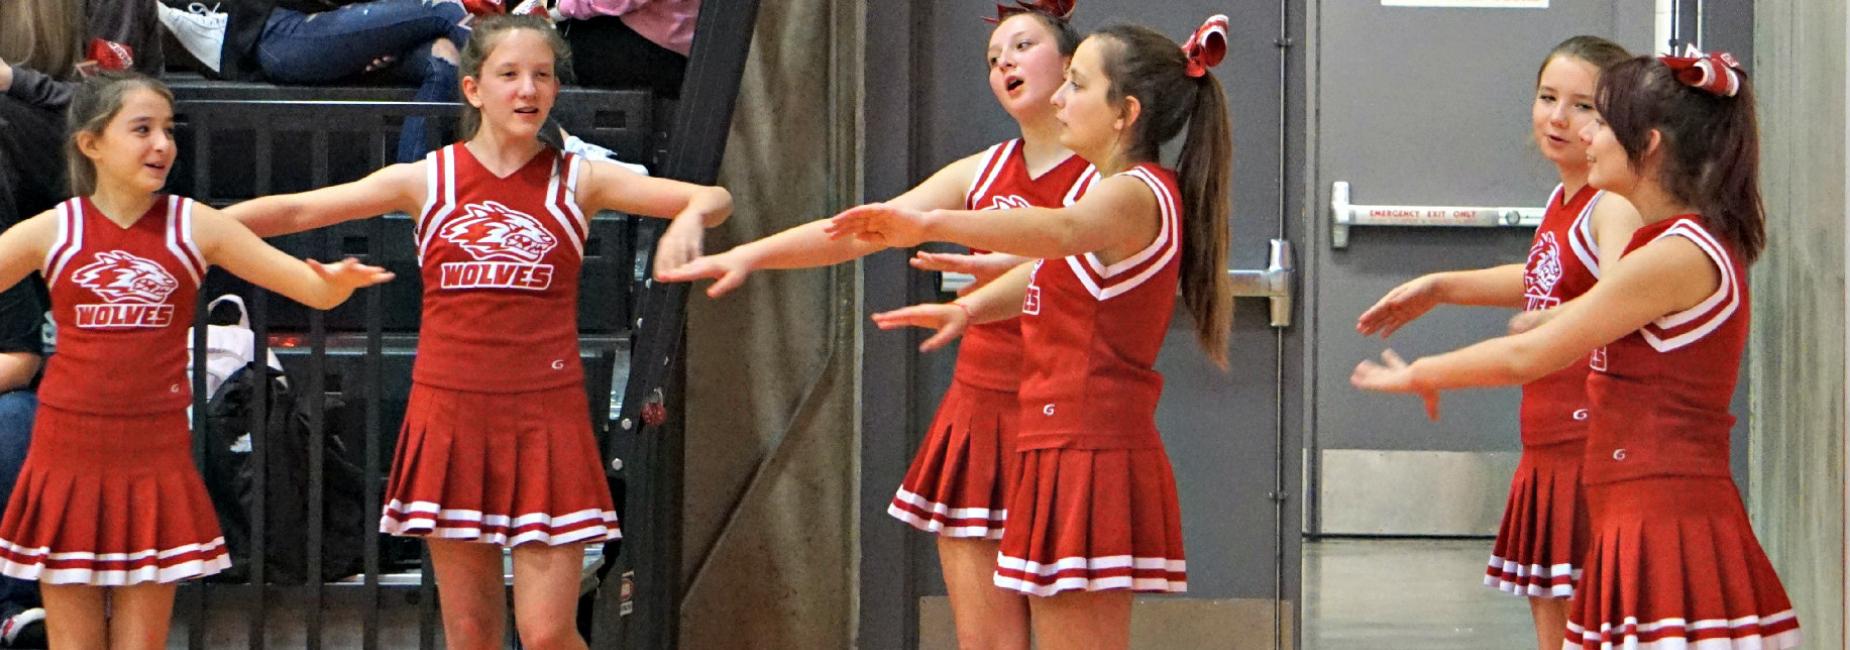 RSMS cheerleaders